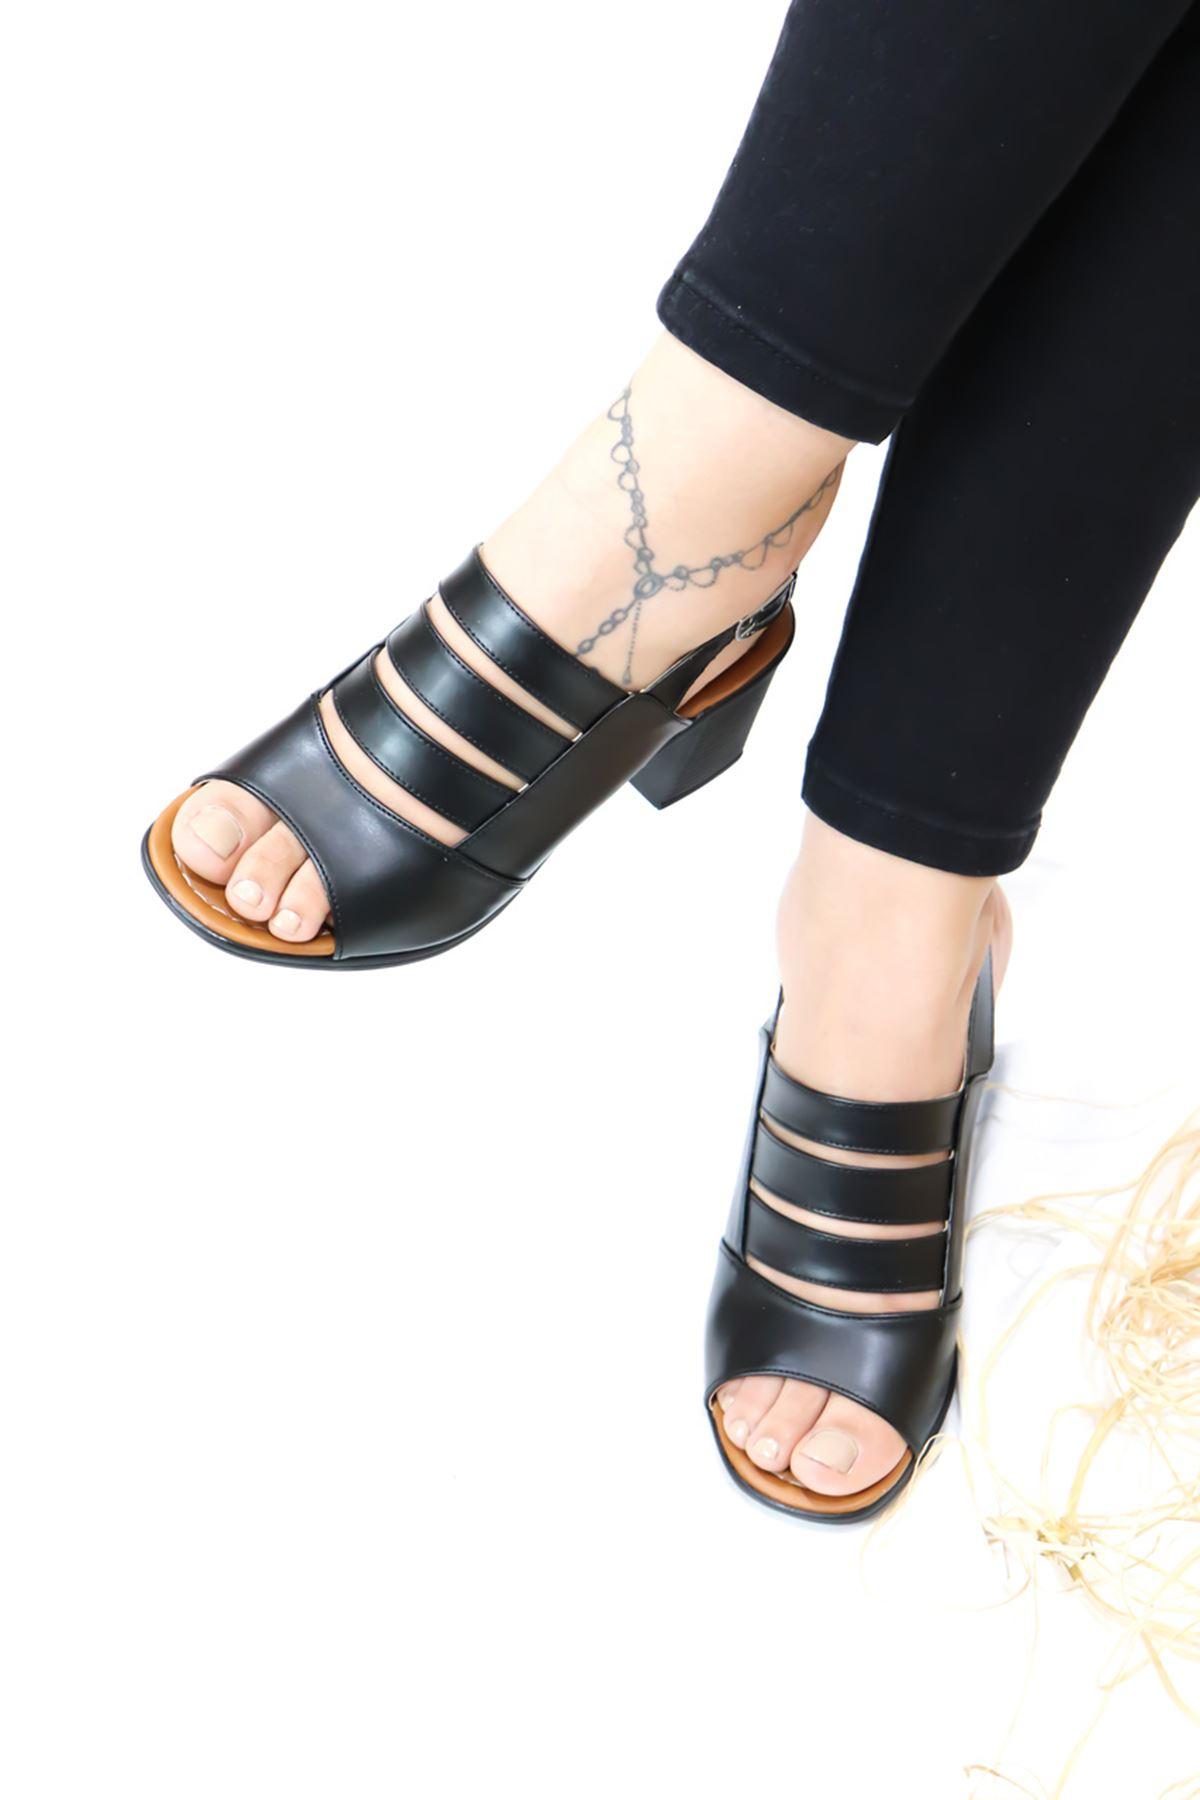 Feles - Kafes Tasarım Kadın Topuklu Ayakkabı Siyah